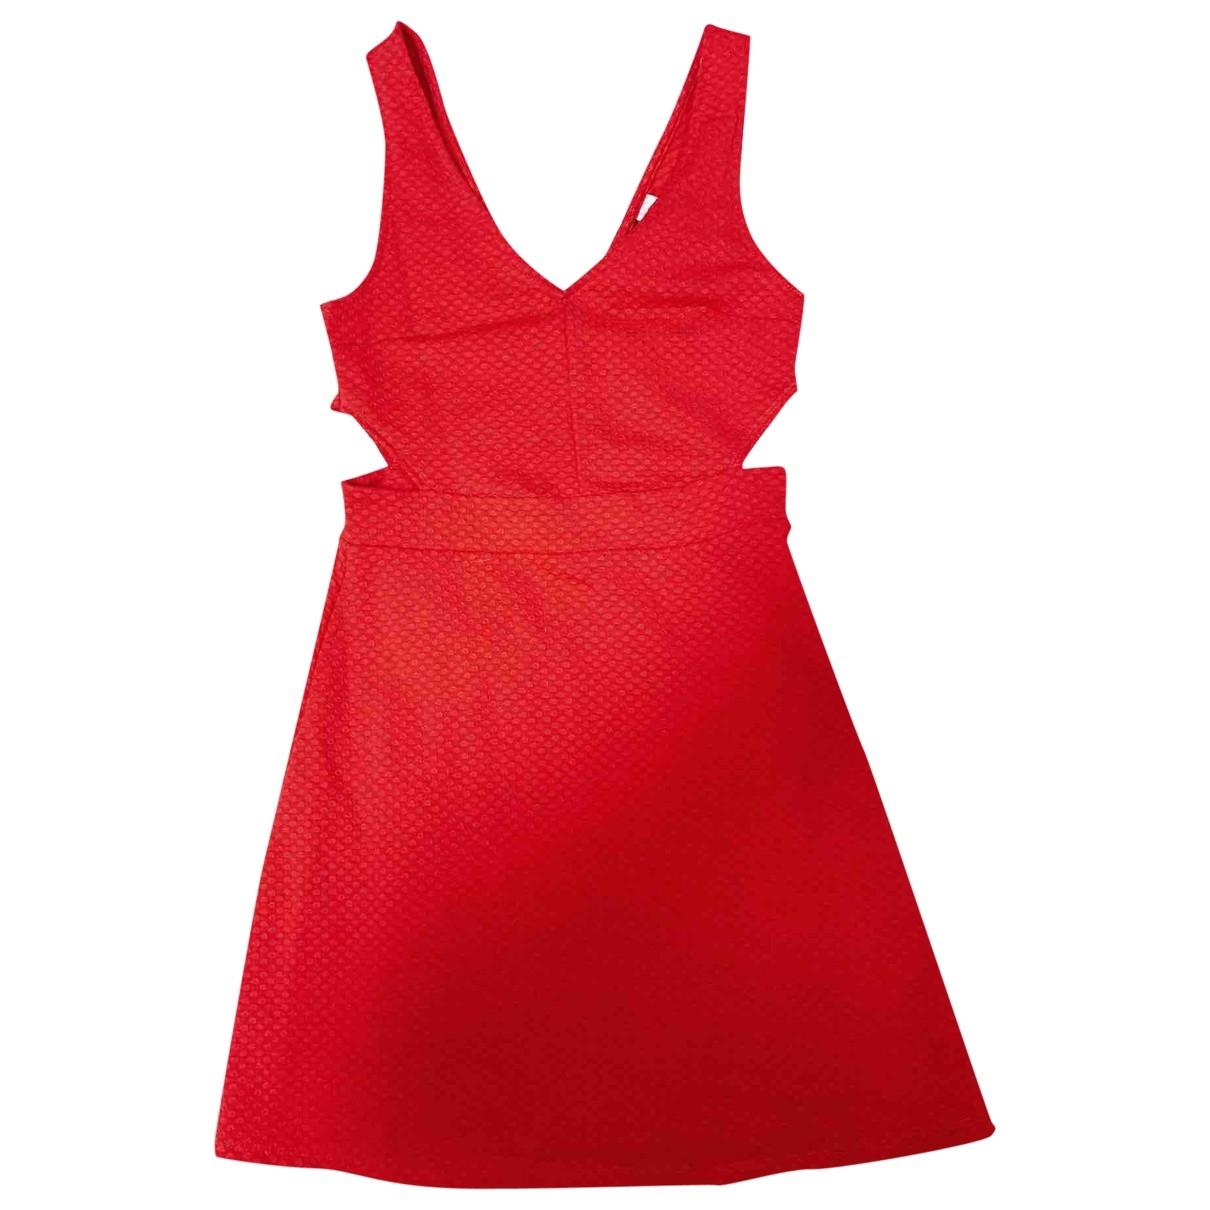 H&m Studio \N Kleid in  Rot Polyester